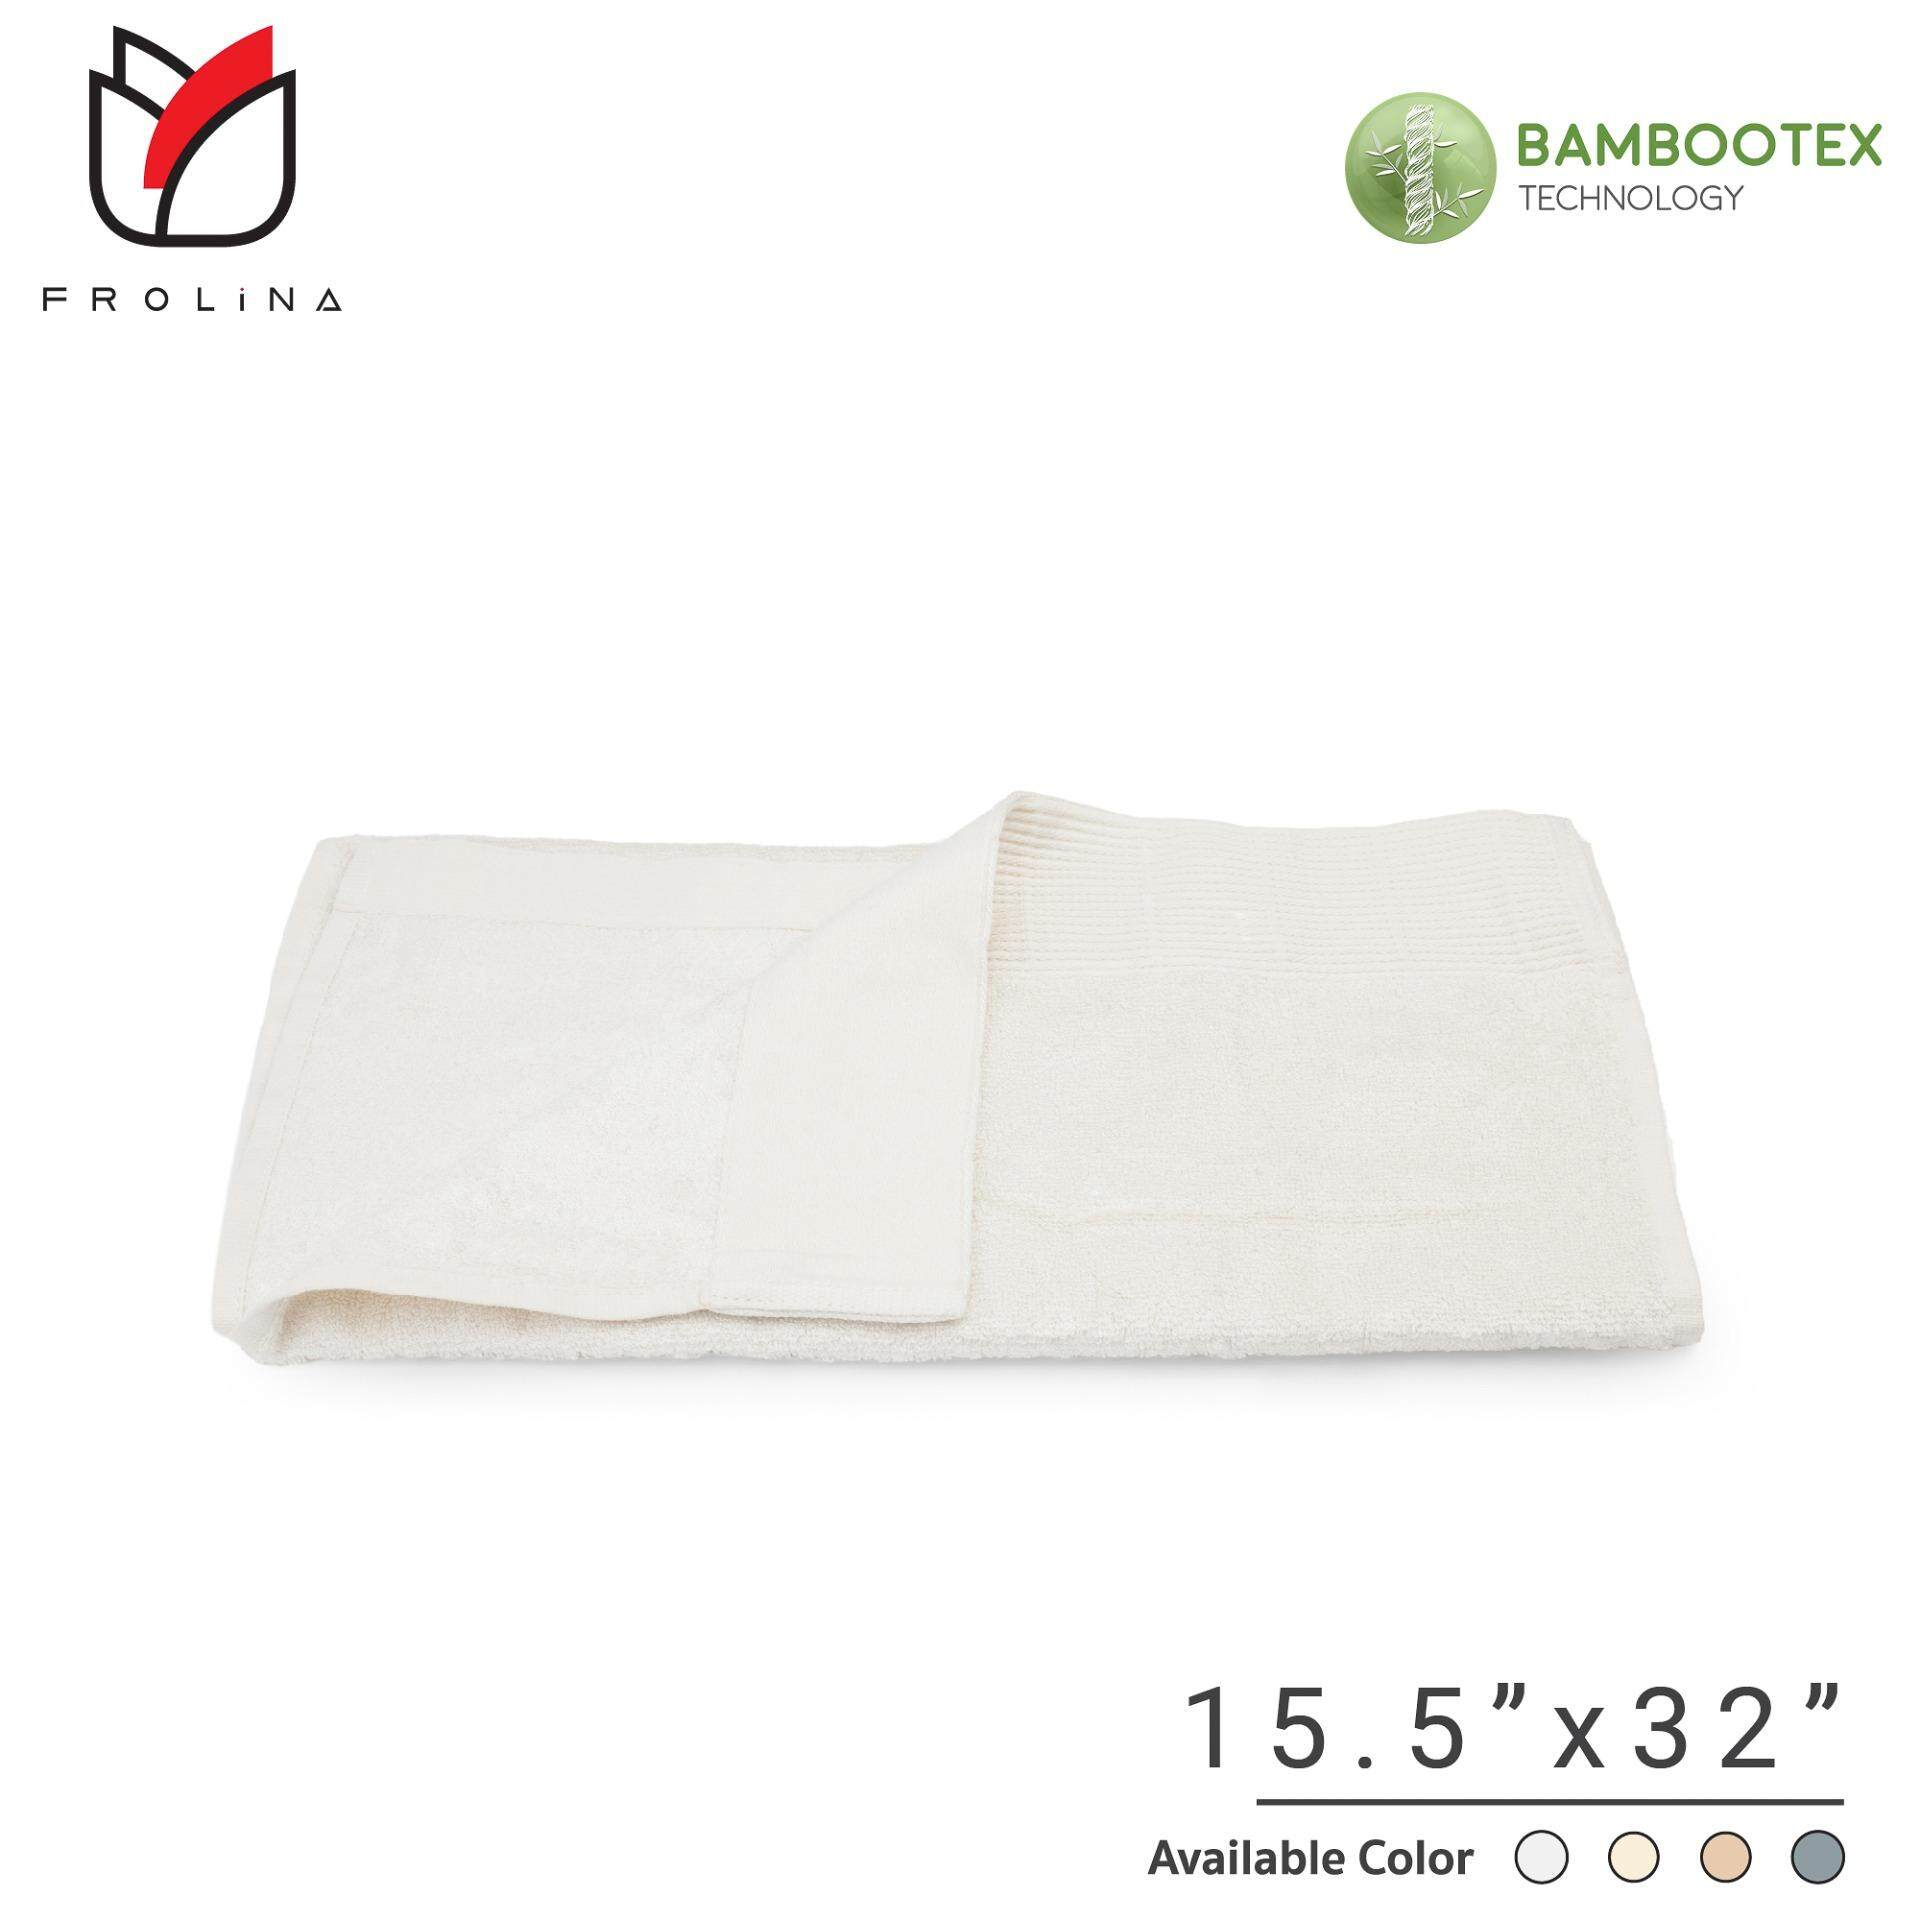 ขาย Frolina Bambootex Collection ผ้าขนหนู เช็ดตัว เส้นใยไผ่ ขนาด15 5X32 ออนไลน์ ใน สมุทรปราการ